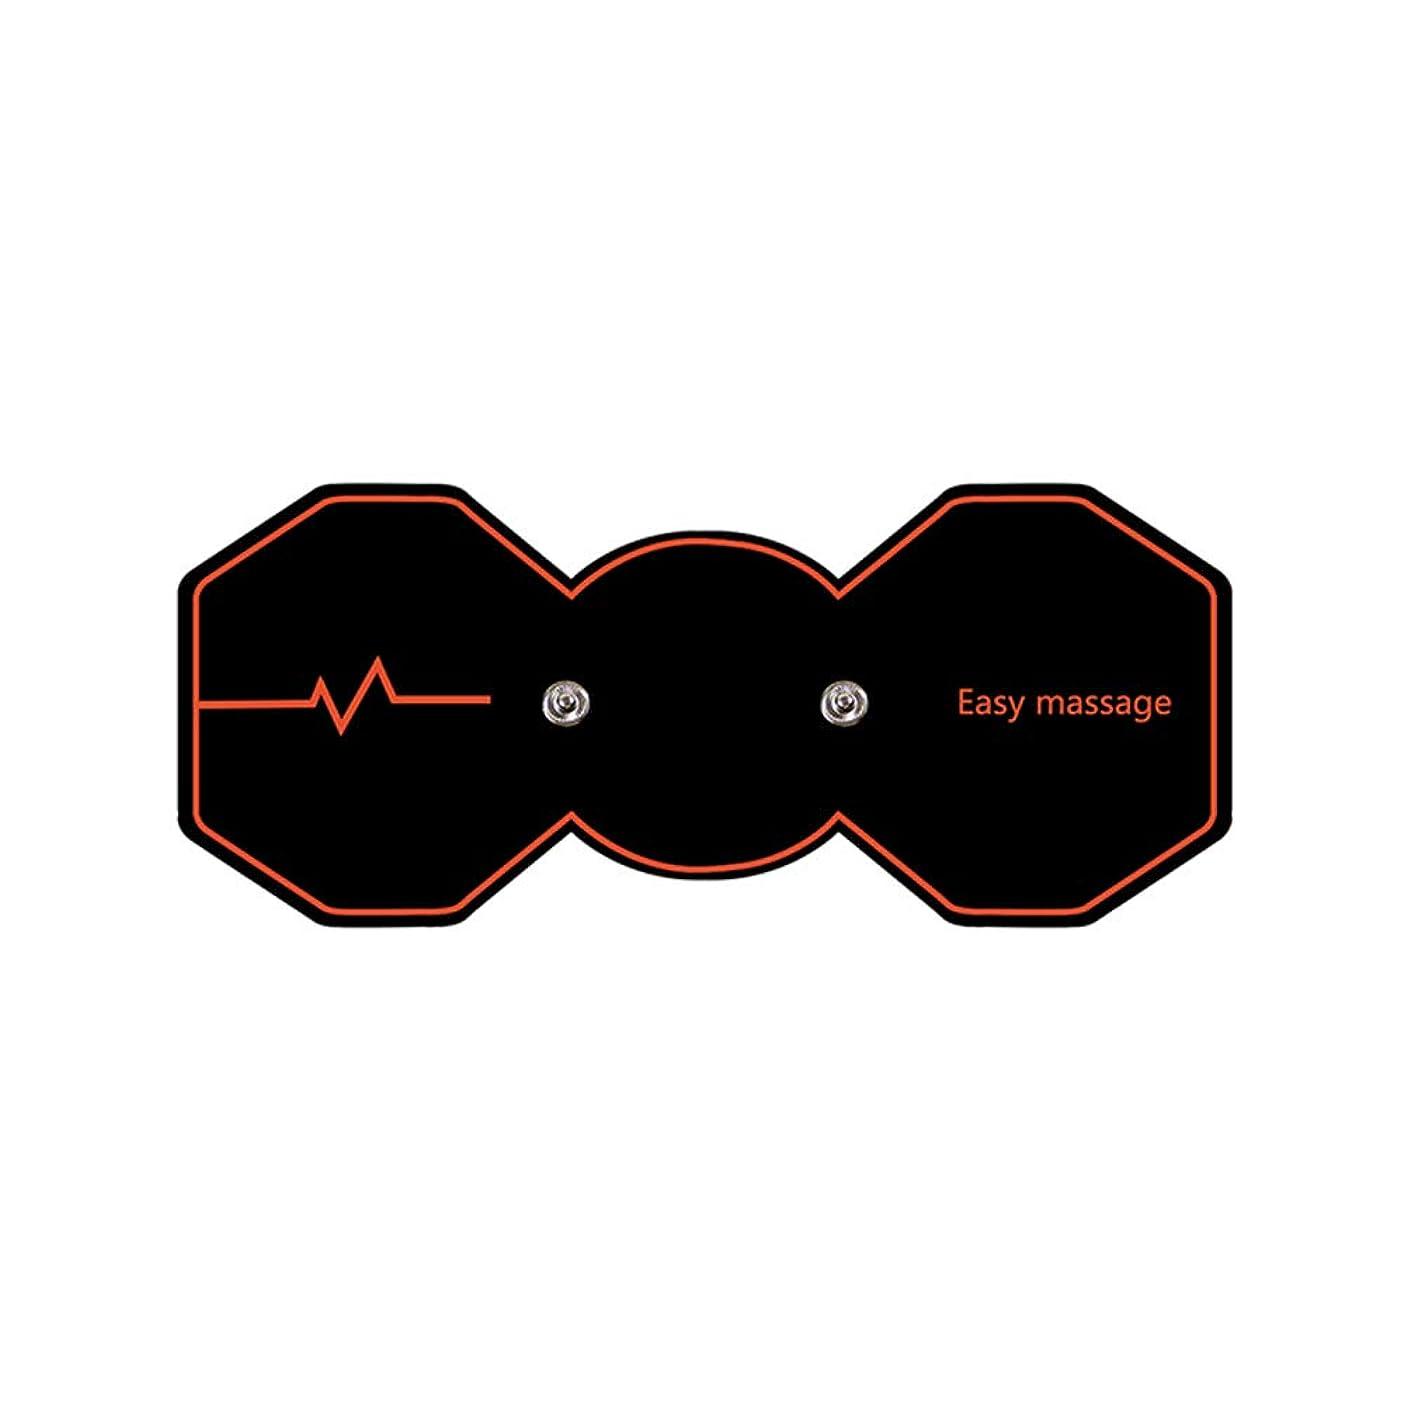 調整急行する黒SUPVOX 電気パルスリラックスマッサージパッド電気痩身パッドボディ痩身筋肉マッサージャー(ブラック)